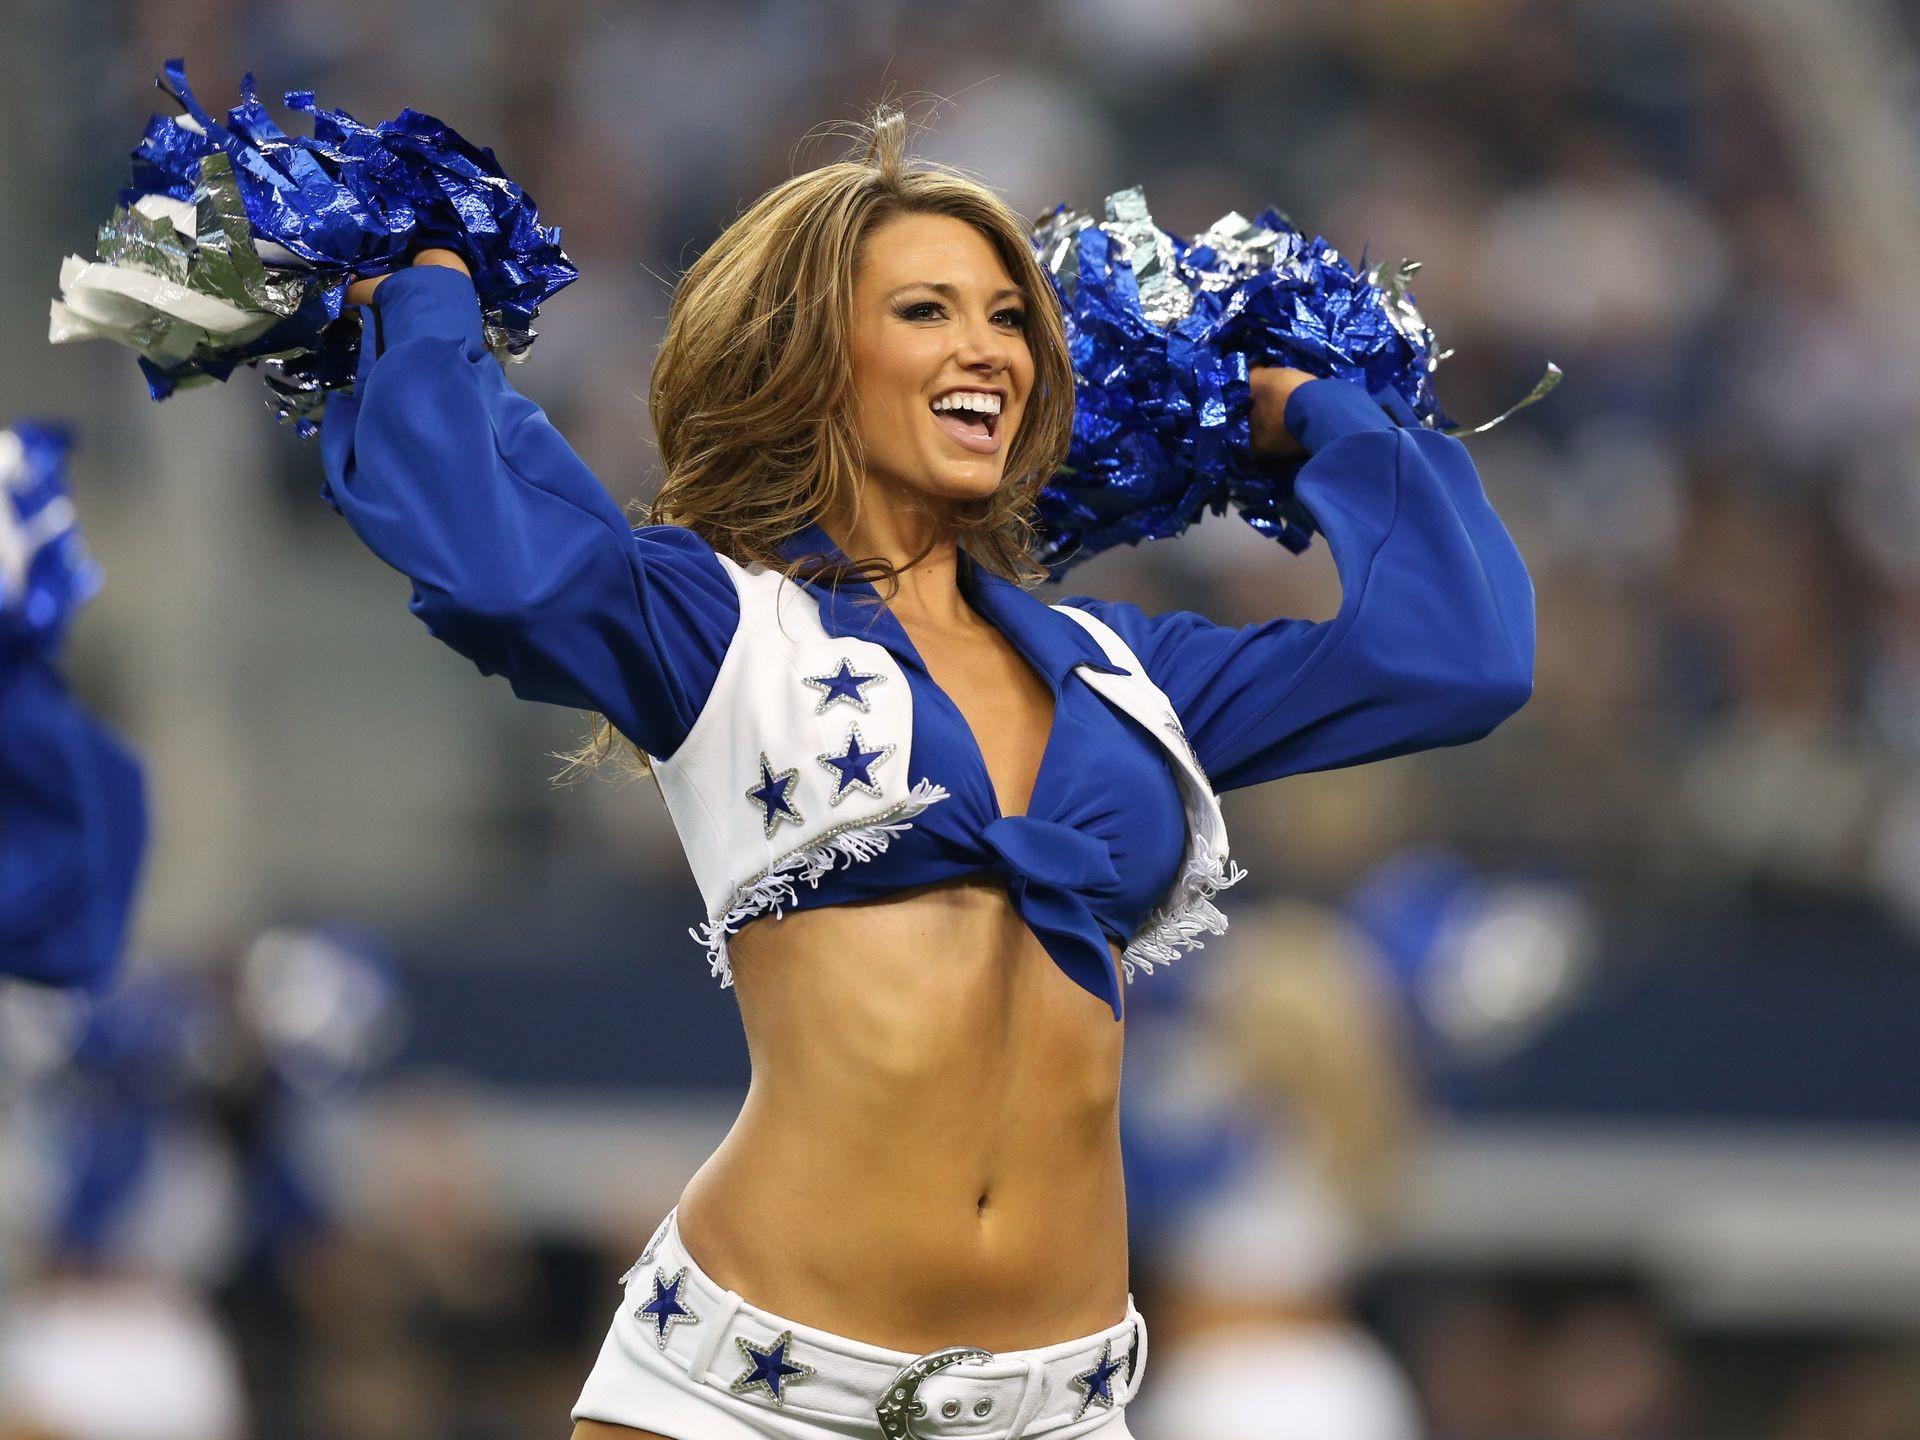 Dallas Cowboys Cheerleader – Katy Marie